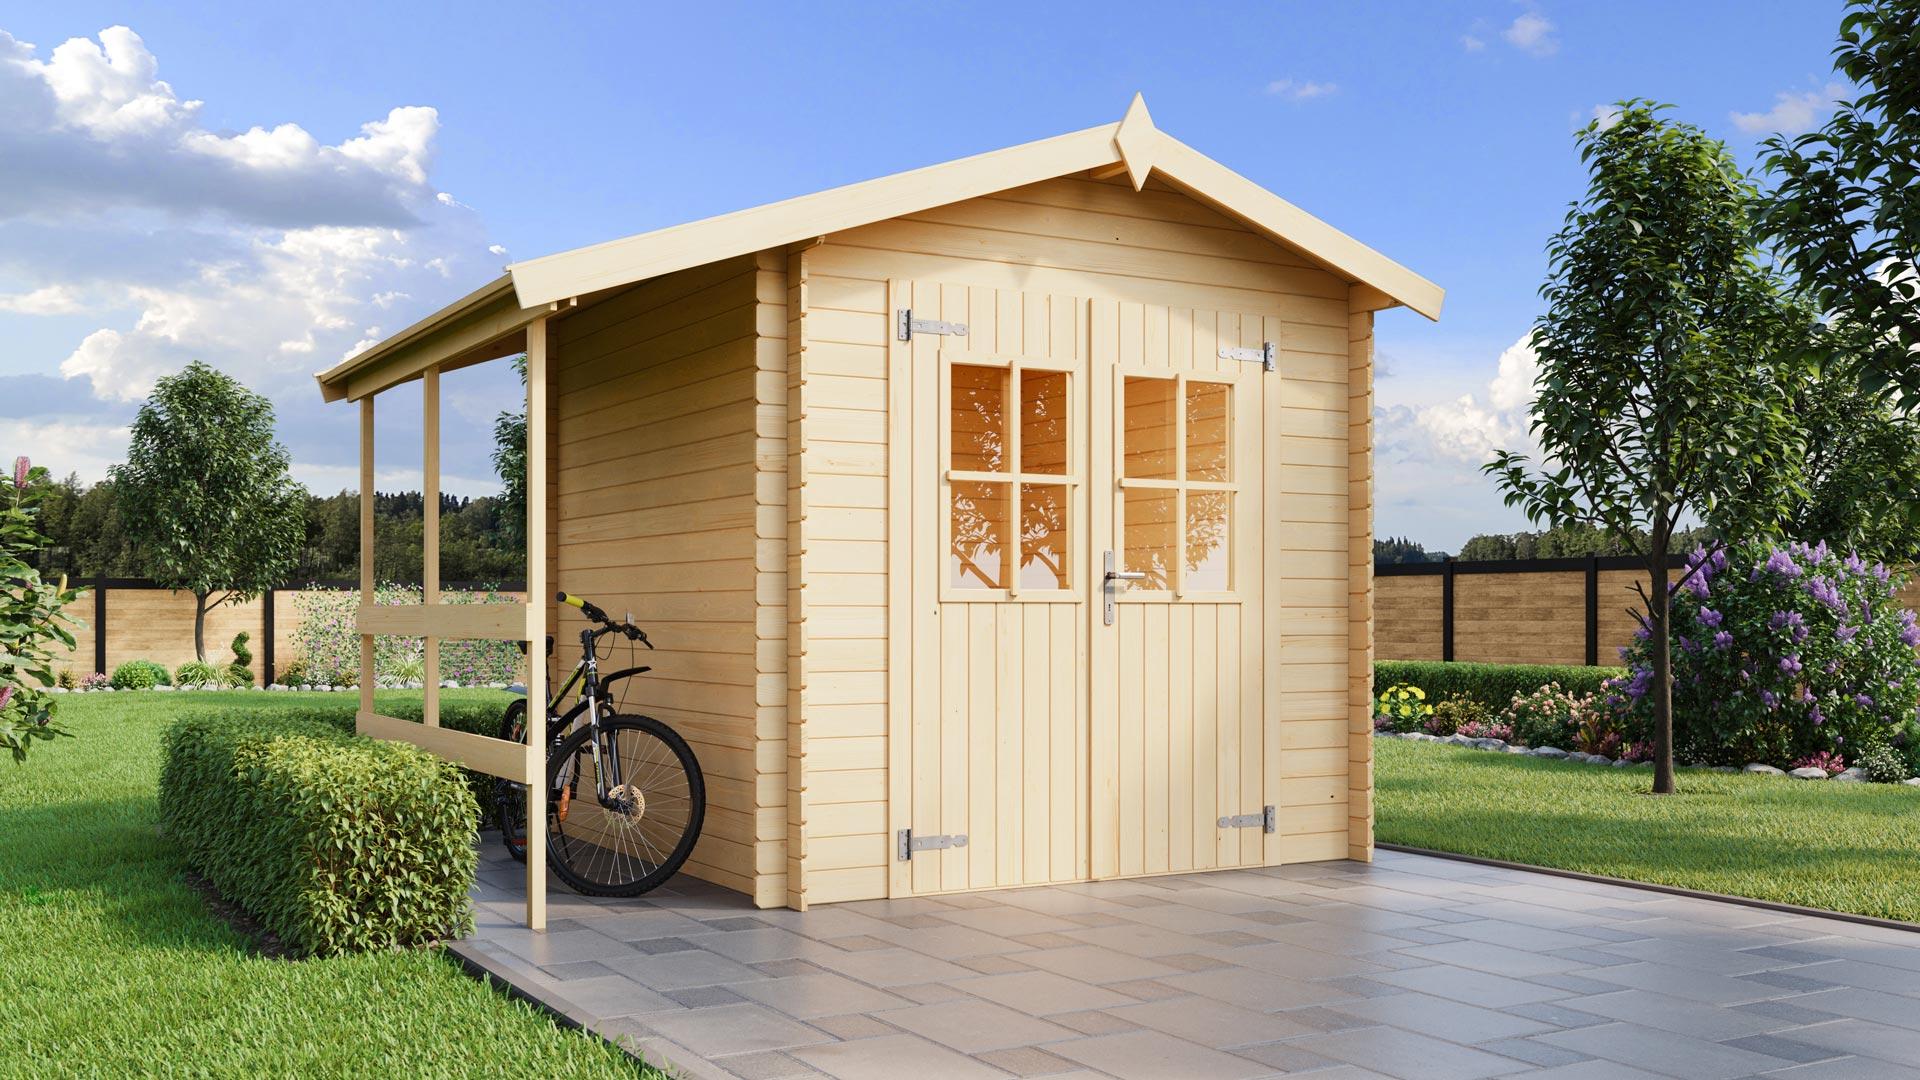 Massivholz-Gartenhaus Louis